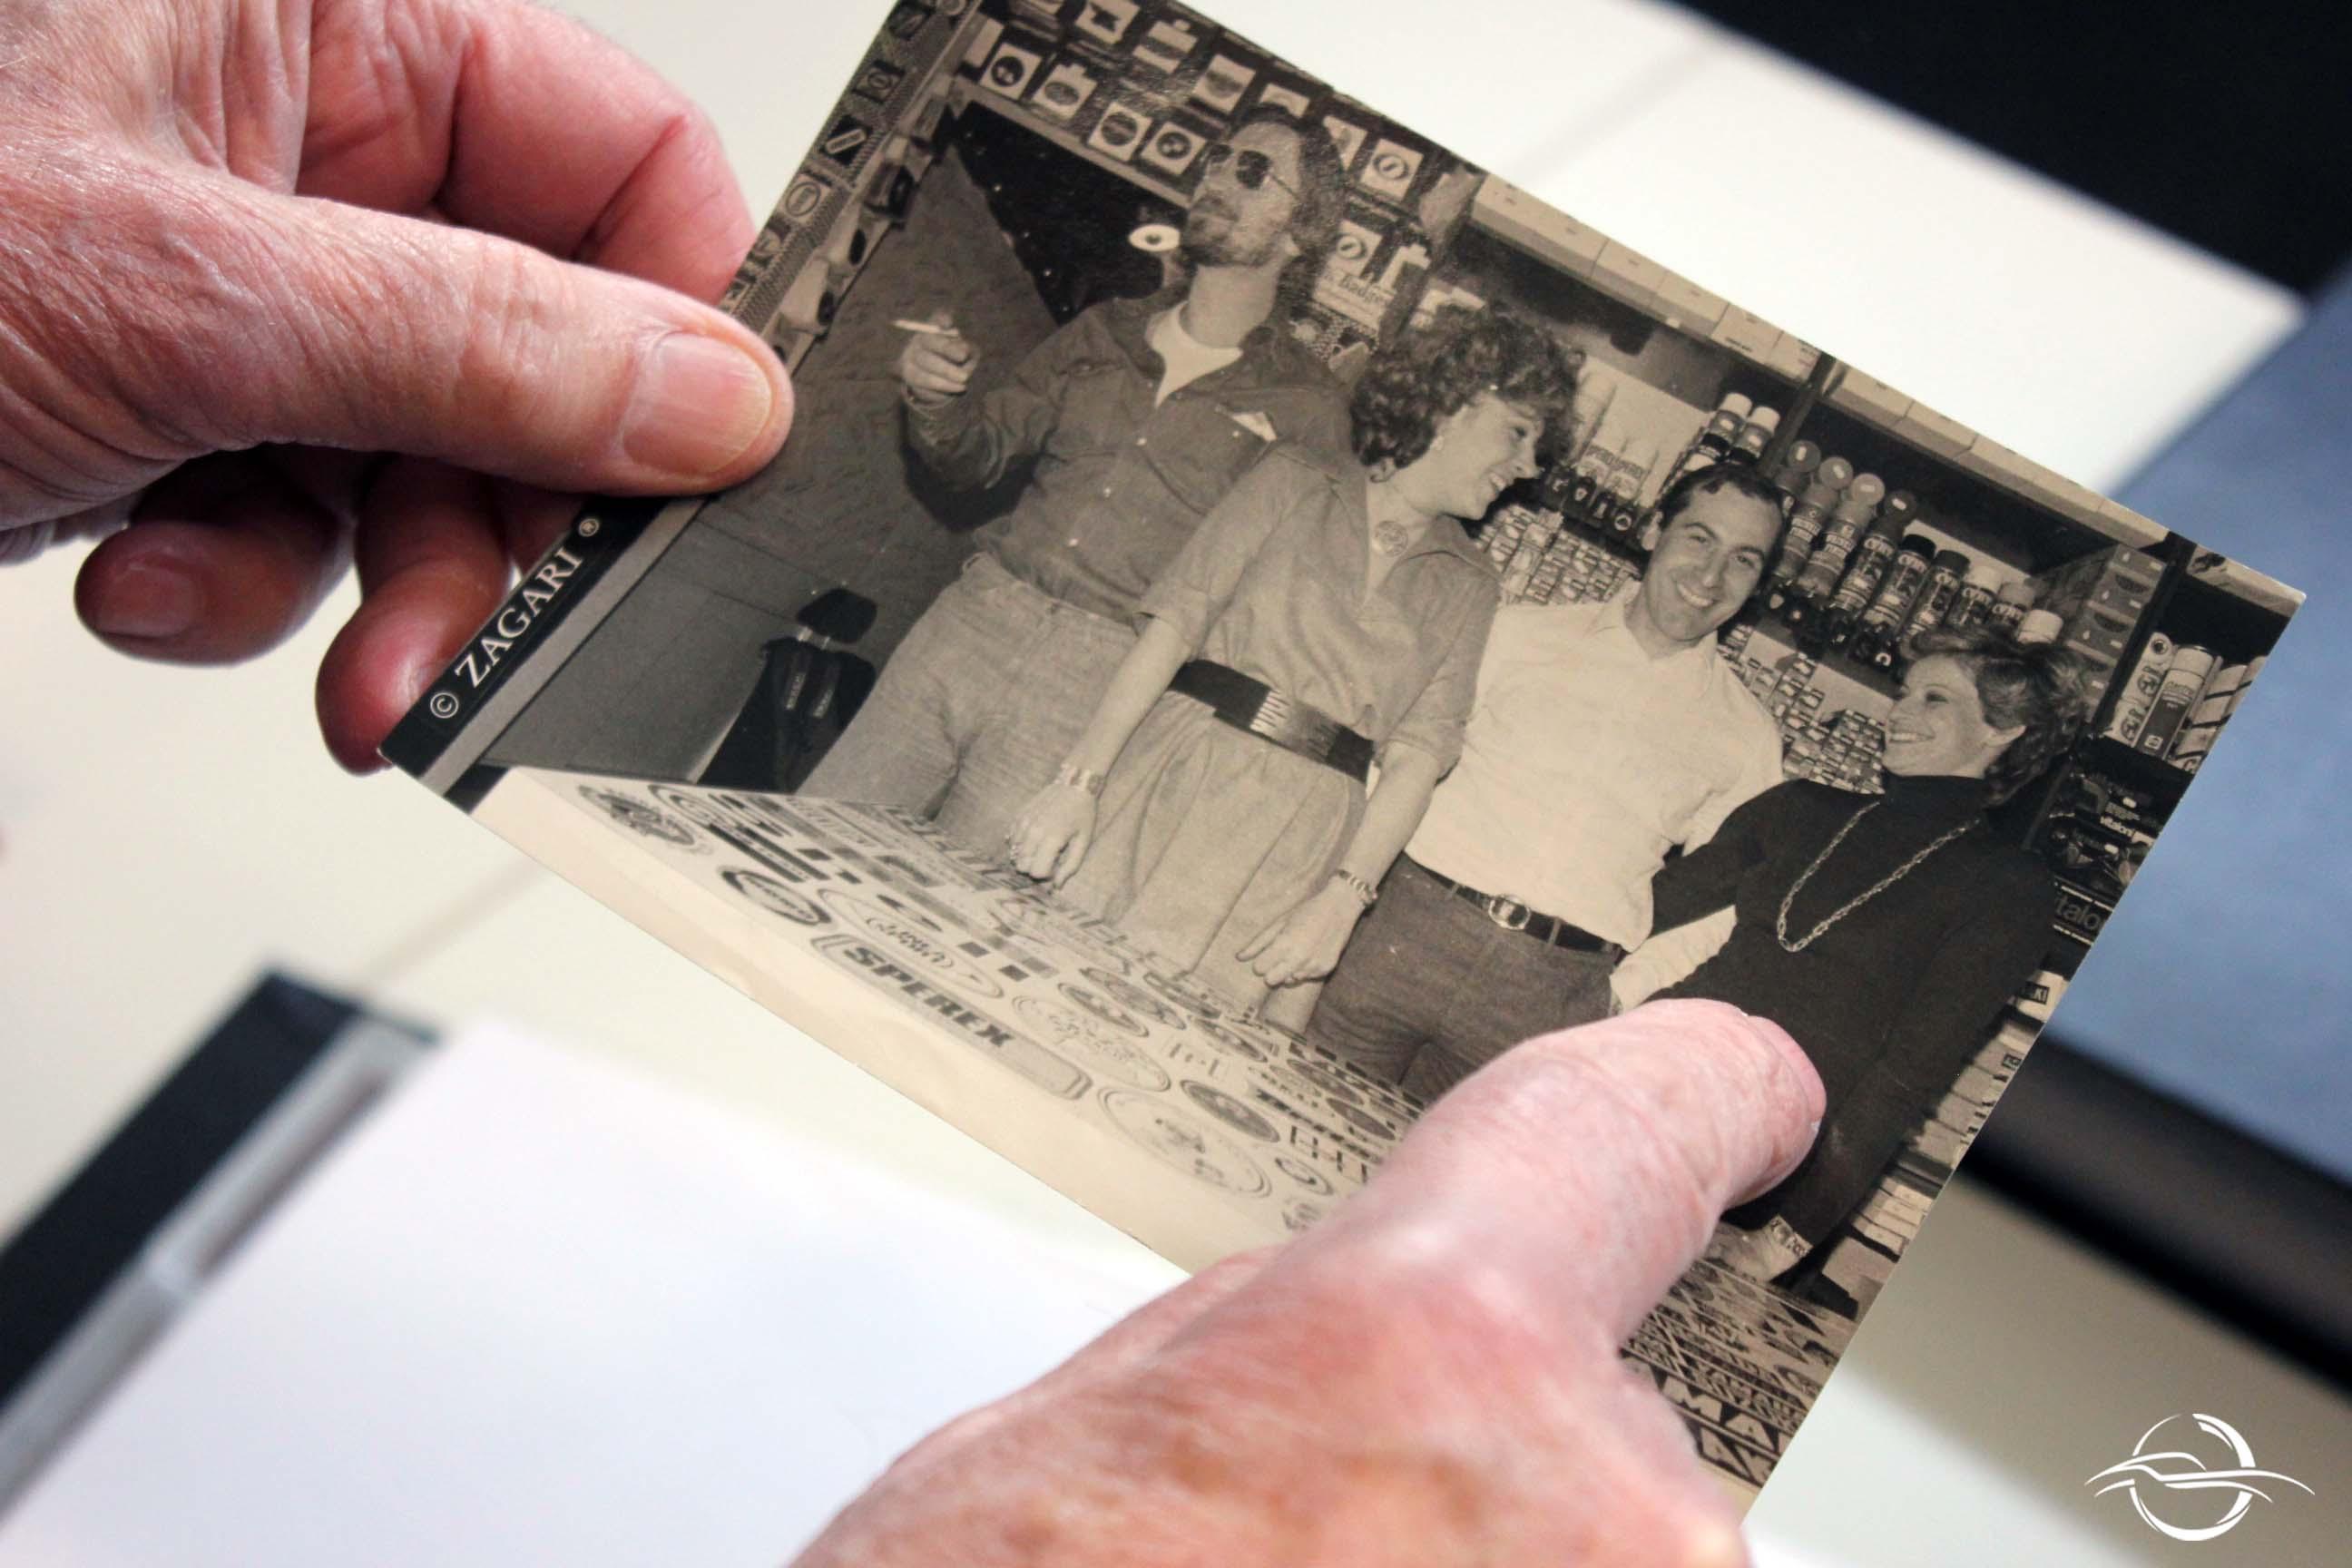 foto di gruppo con dito che infica la moglie di Mario Acquati